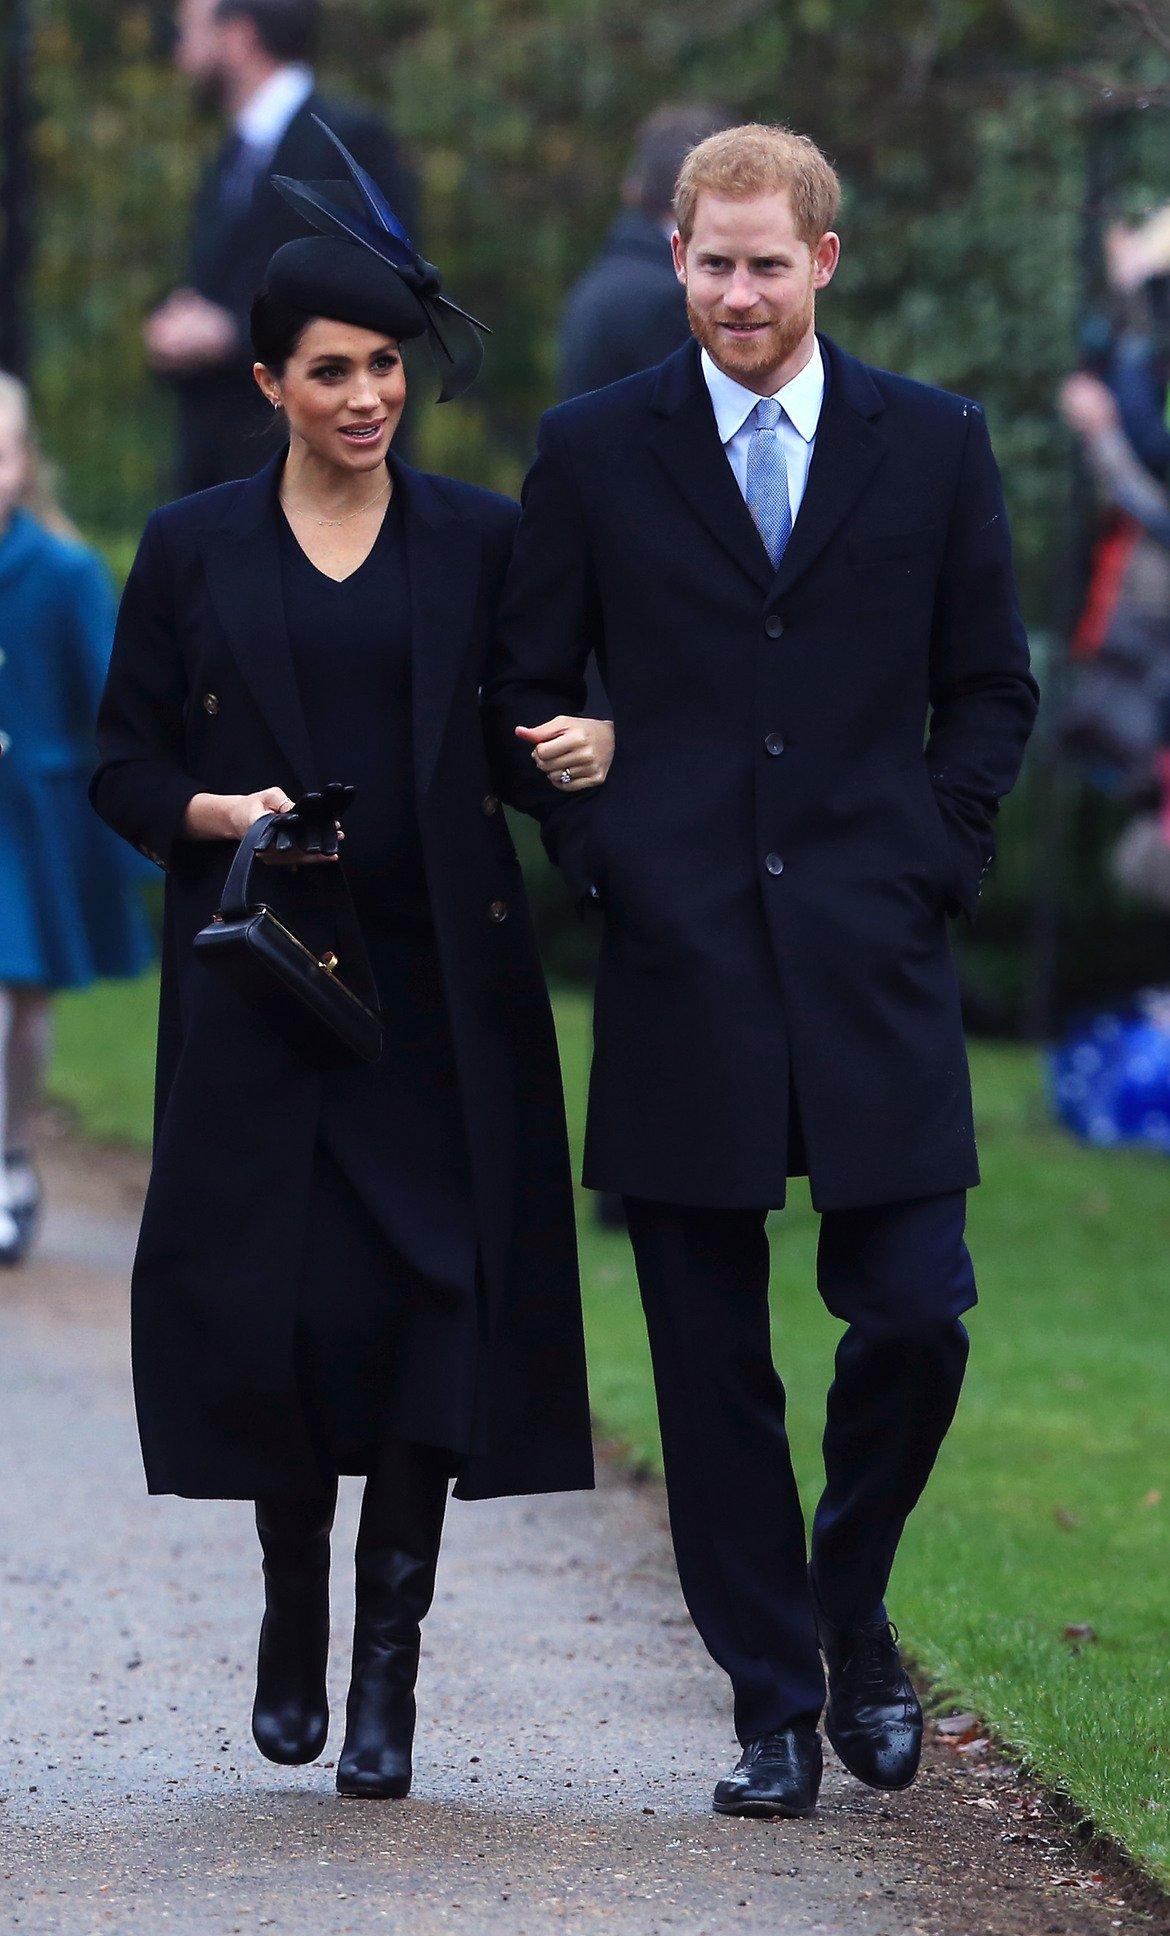 """Принц Хари и херцогиня Меган Херцогът и херцогинята на Съсекс са едва шести по ред като претенденти за трона на Великобритания. Те също се готвят да станат част от работещите монарси и да разделят времето си между Обединеното кралство и Канада. Те възнамеряват да се откажат от статута си """"старши членове"""" и да продължат да подкрепят кралицата, но да работят за финансова независимост. Въпрос, който все още е в развитие."""